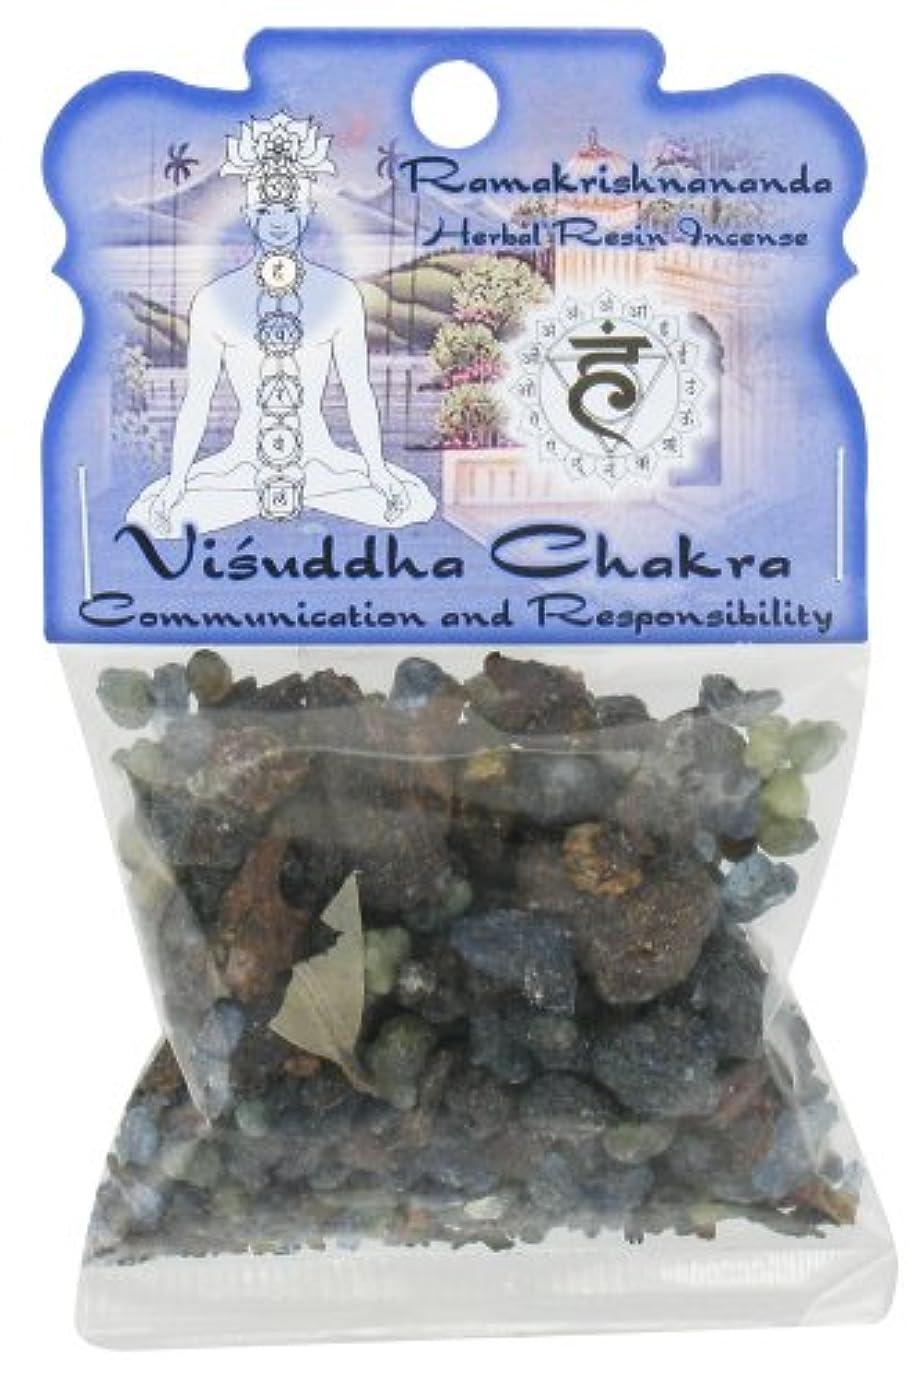 ドループ潜む同意Ramakrishnananda お香 樹脂バッグ ビジュダチャクラ 各1個